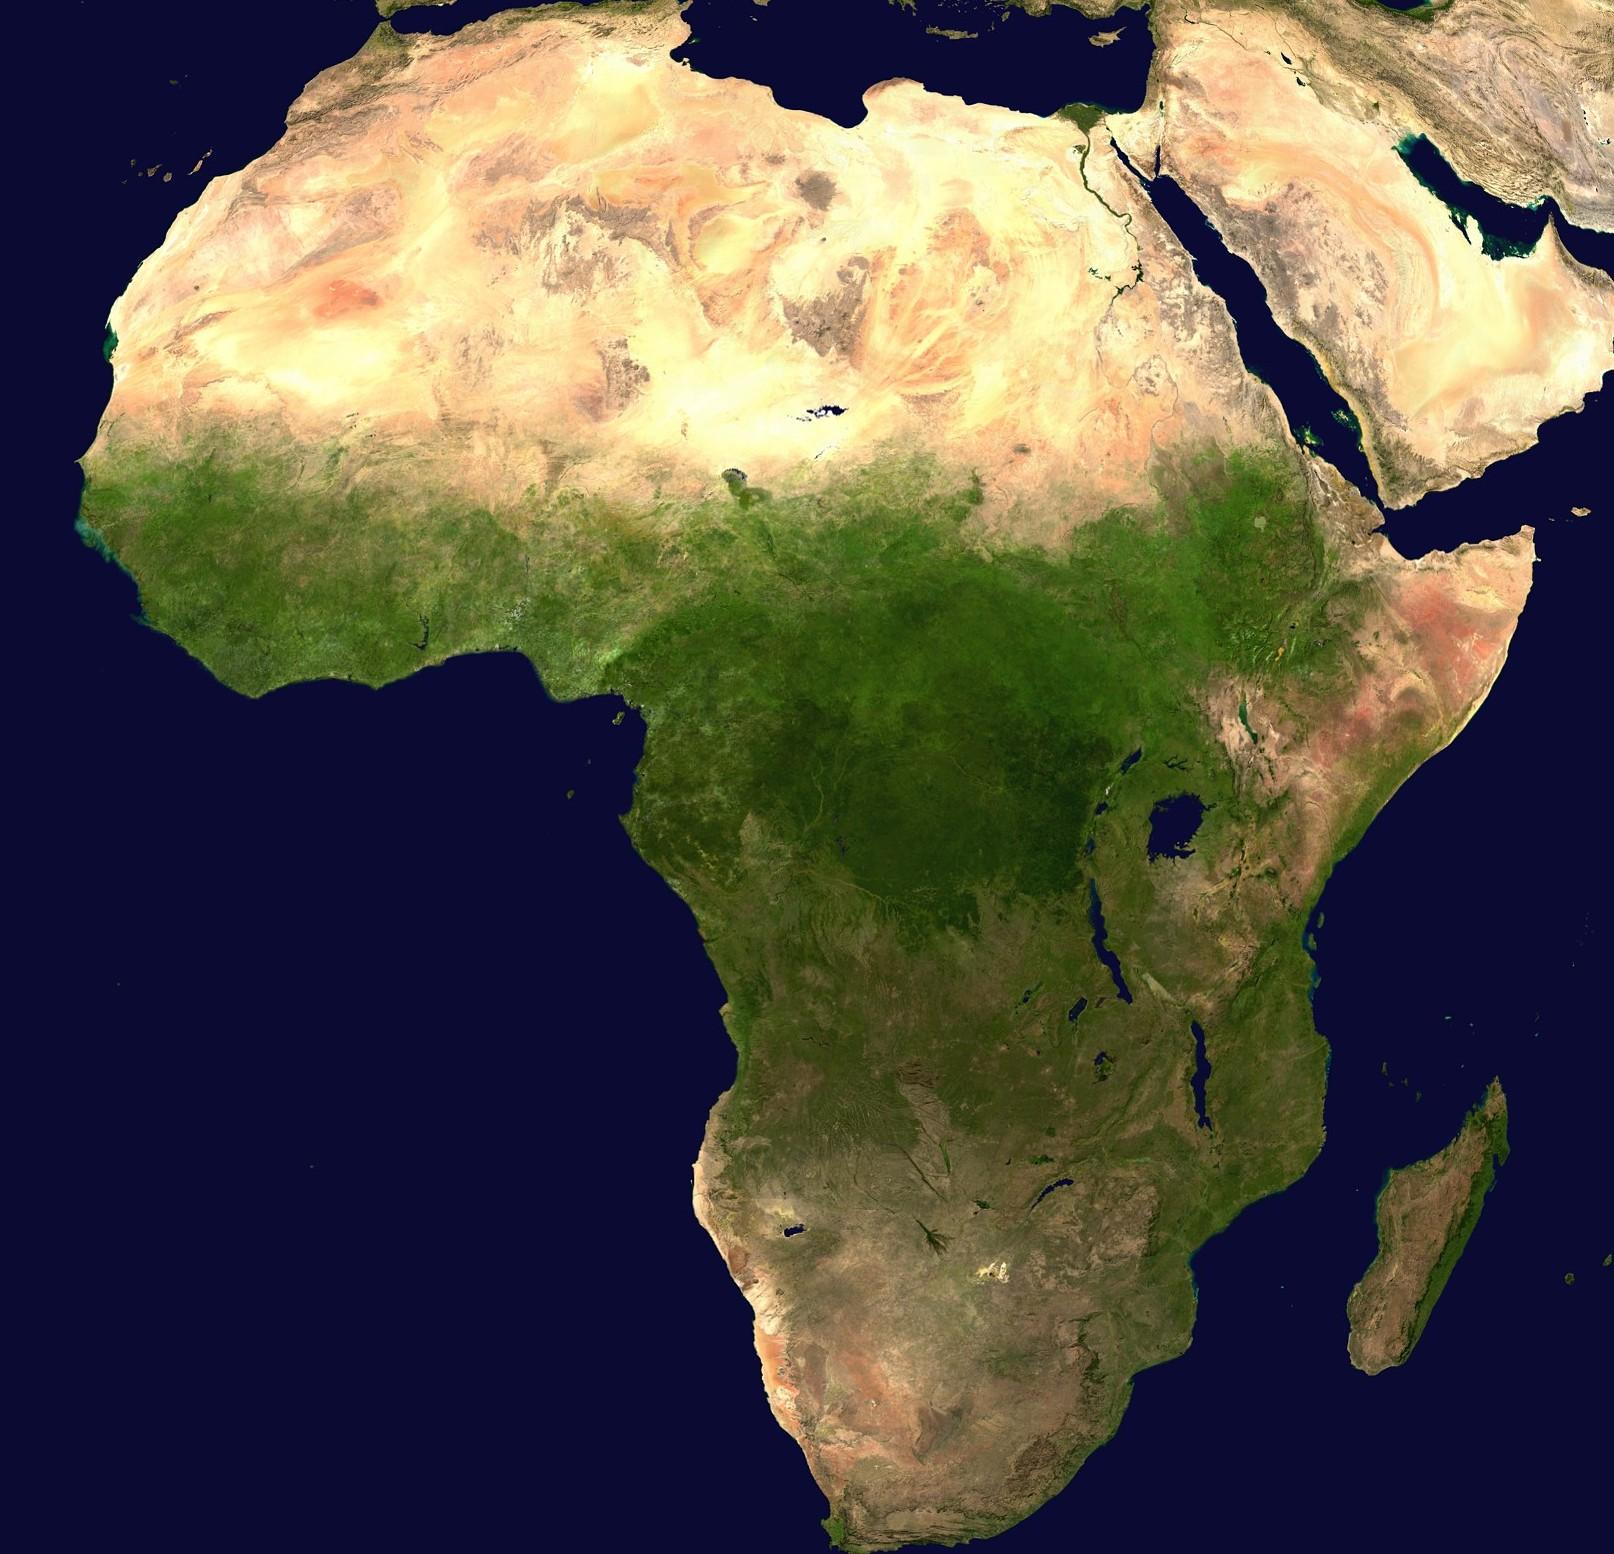 kart over afrika uten navn Gnist – Marxistisk tidsskrift » Kappløpet om Afrika kart over afrika uten navn